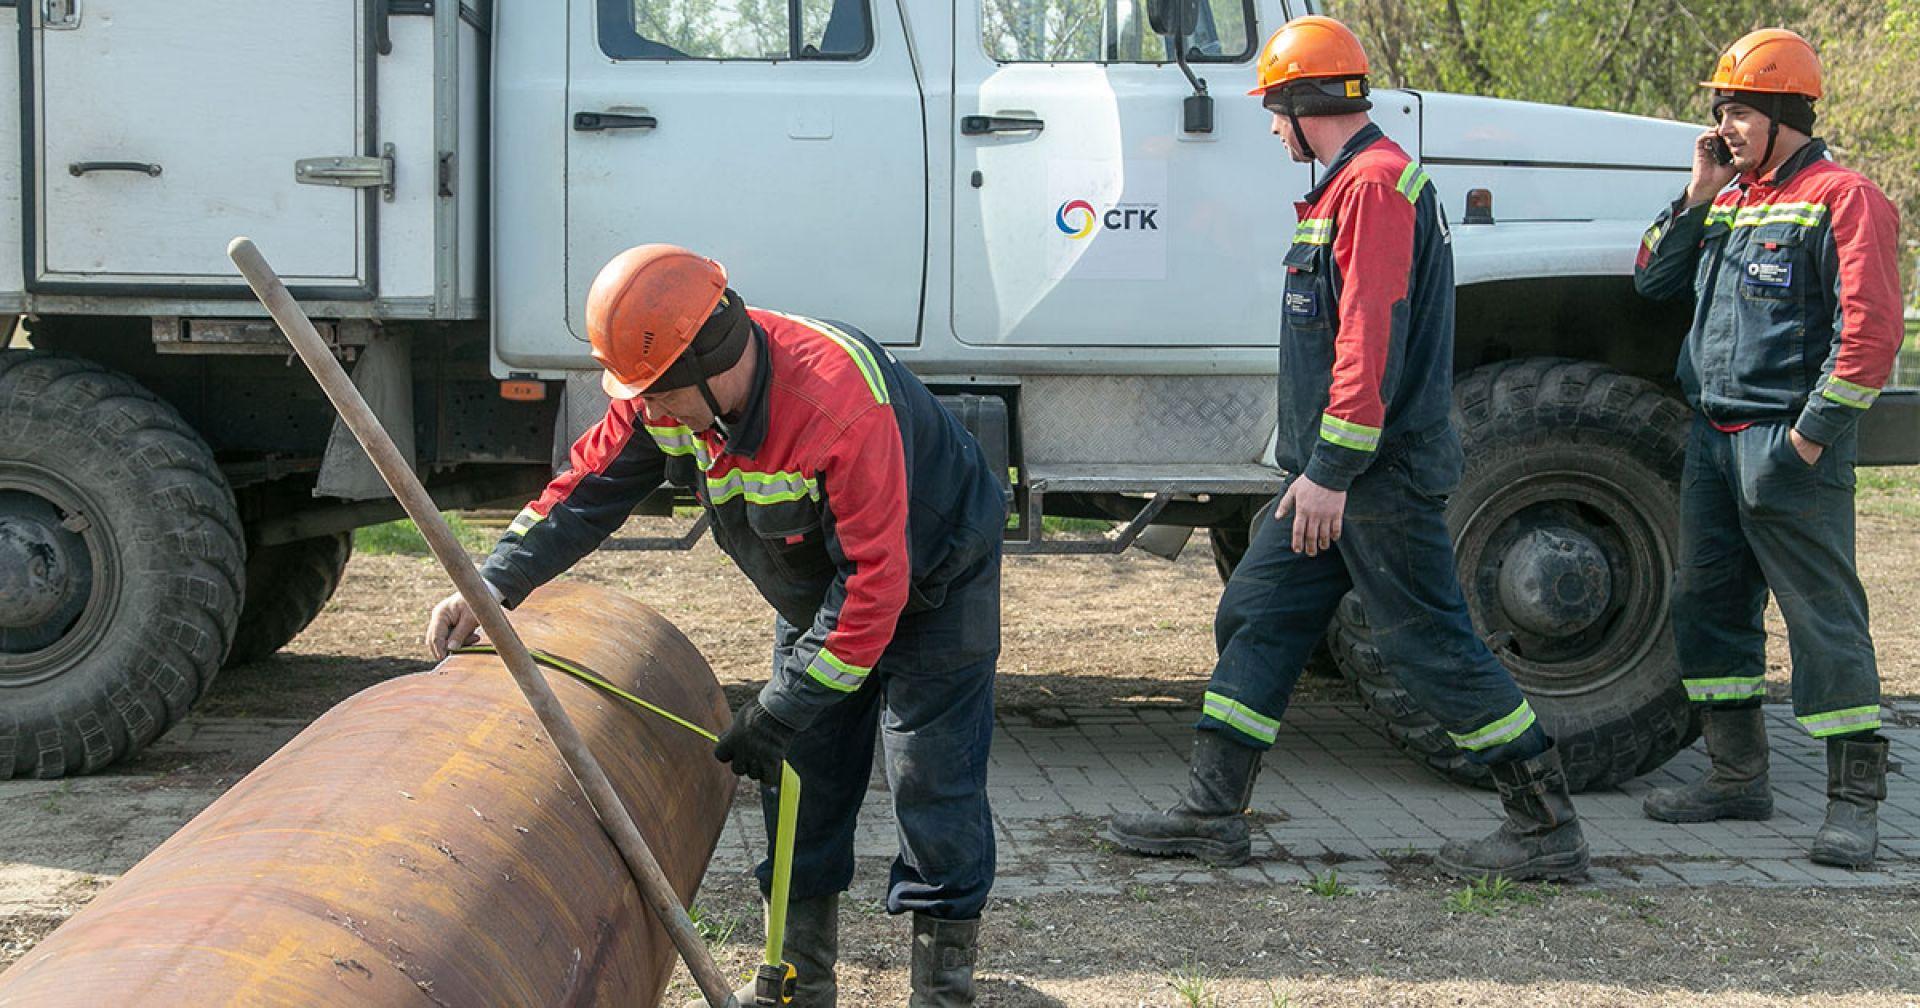 В Новосибирске из-за аварийного ремонта теплотрассы сузят и перекроют несколько улиц